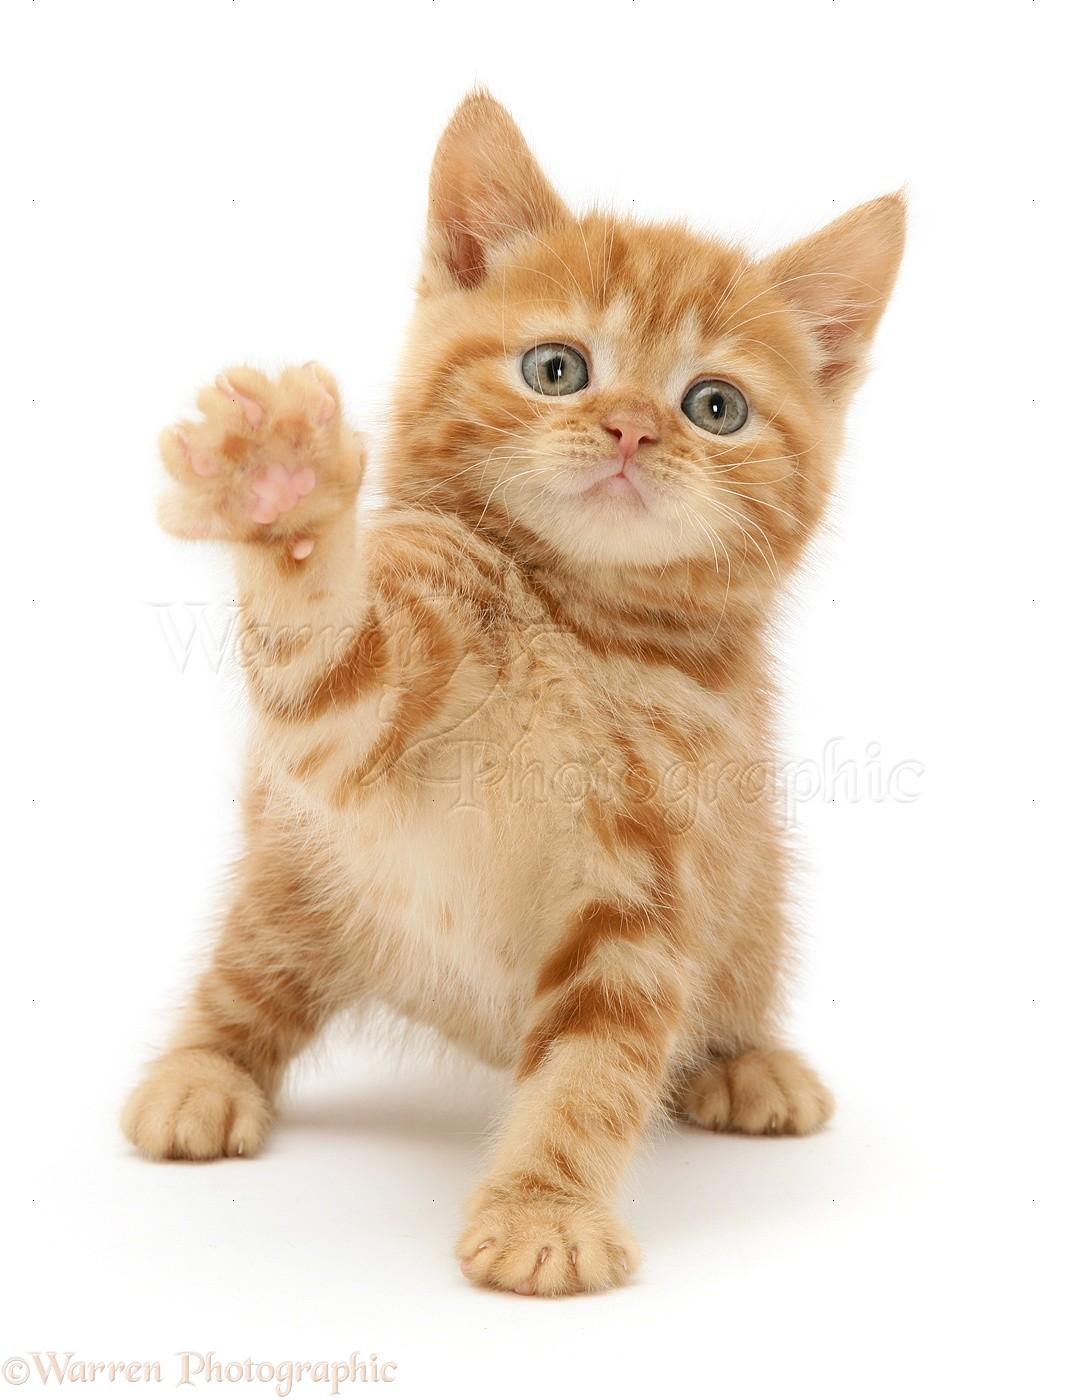 Red tabby British Shorthair kitten photo WP10863